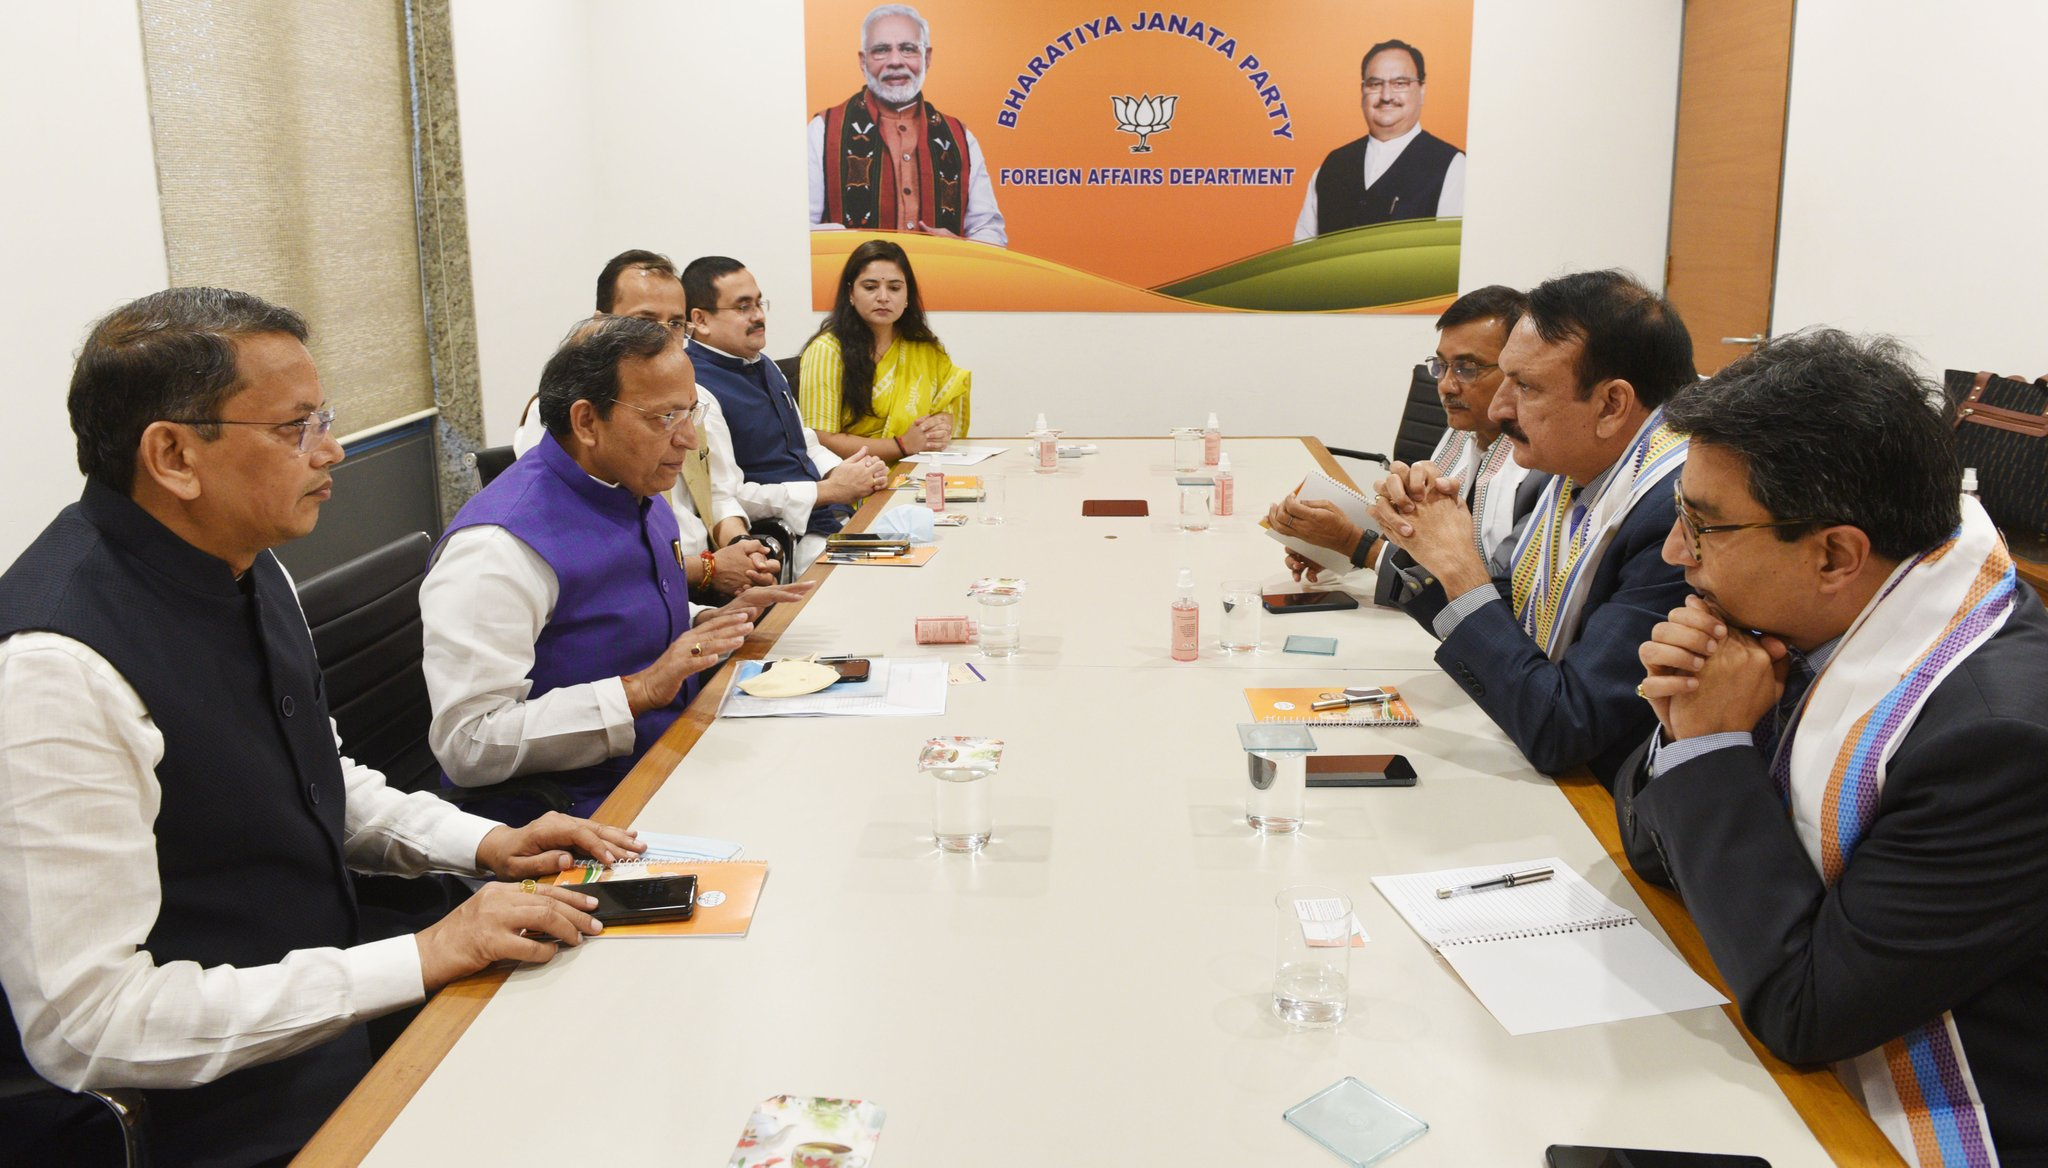 कांग्रेस प्रतिनिधिमण्डल र बीजेपी महासचिवबीच दिल्लीमा भेटवार्ता